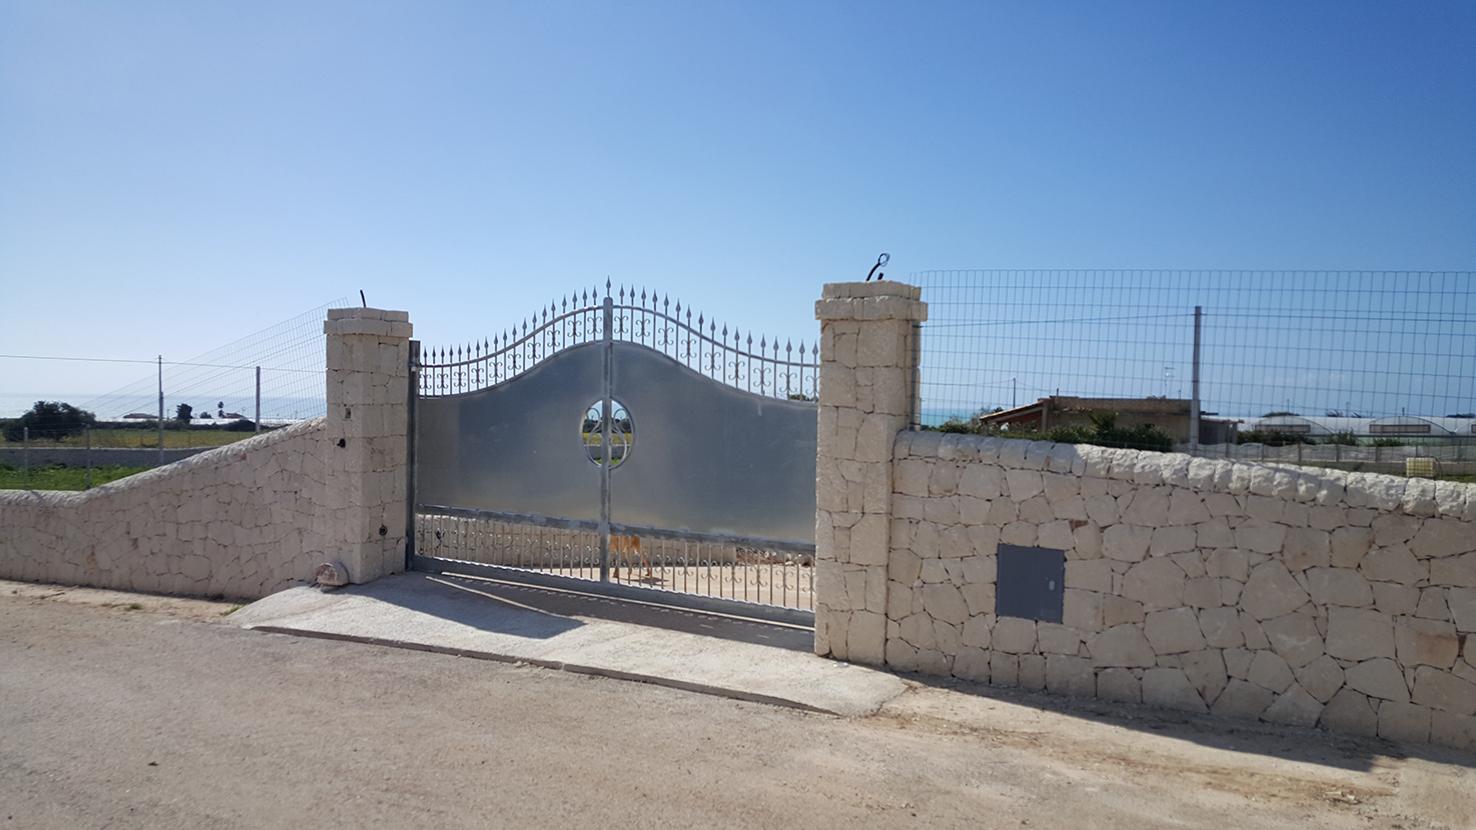 Recinzione muri a secco sp 2015 2016 for Immagini recinzioni